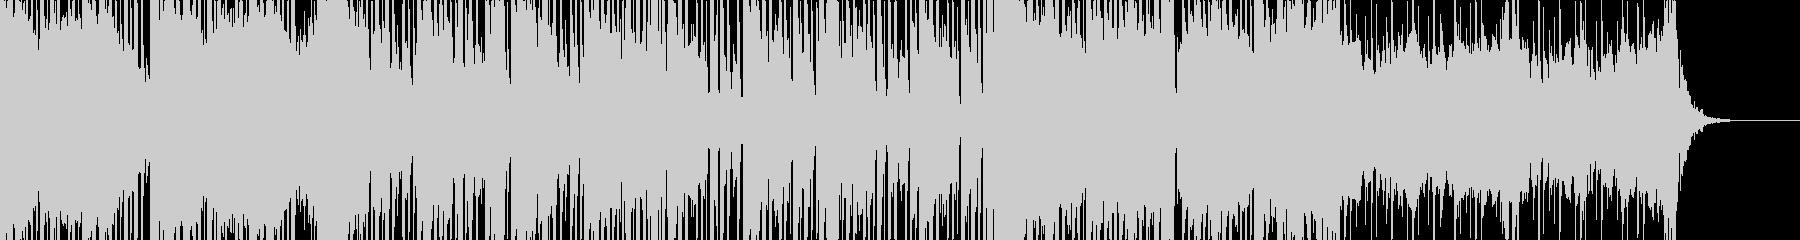 【PV映像ラスト】エンドクレジットロールの未再生の波形